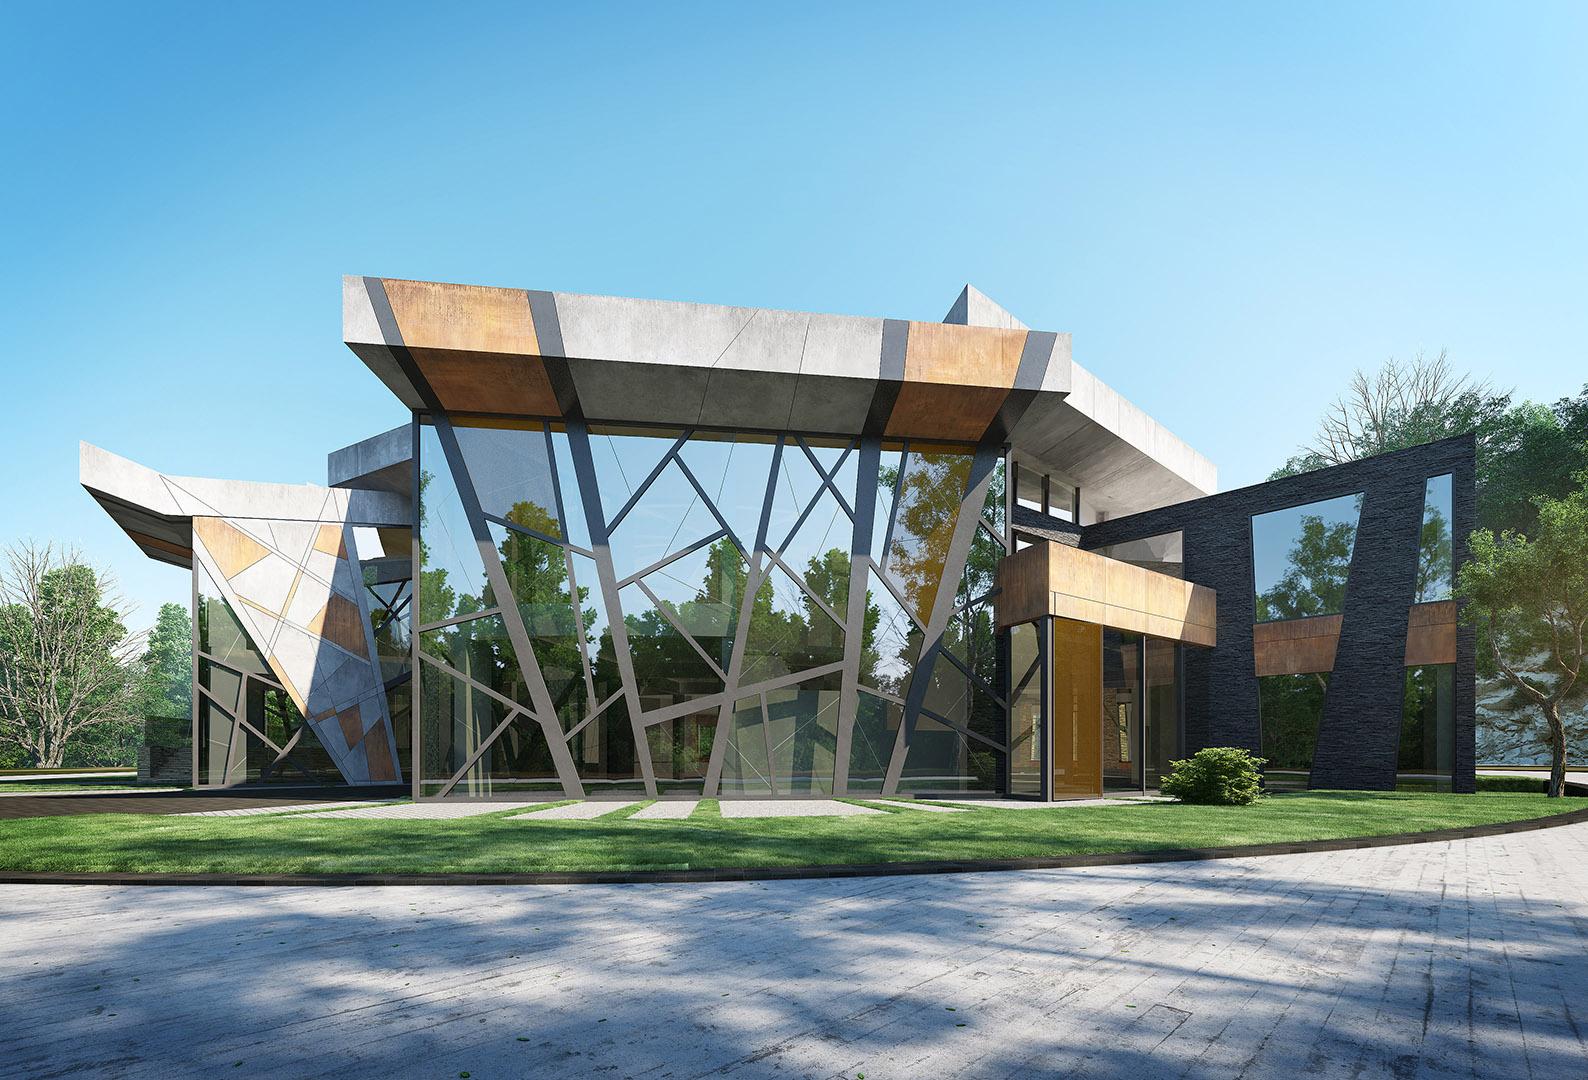 проекти къщи